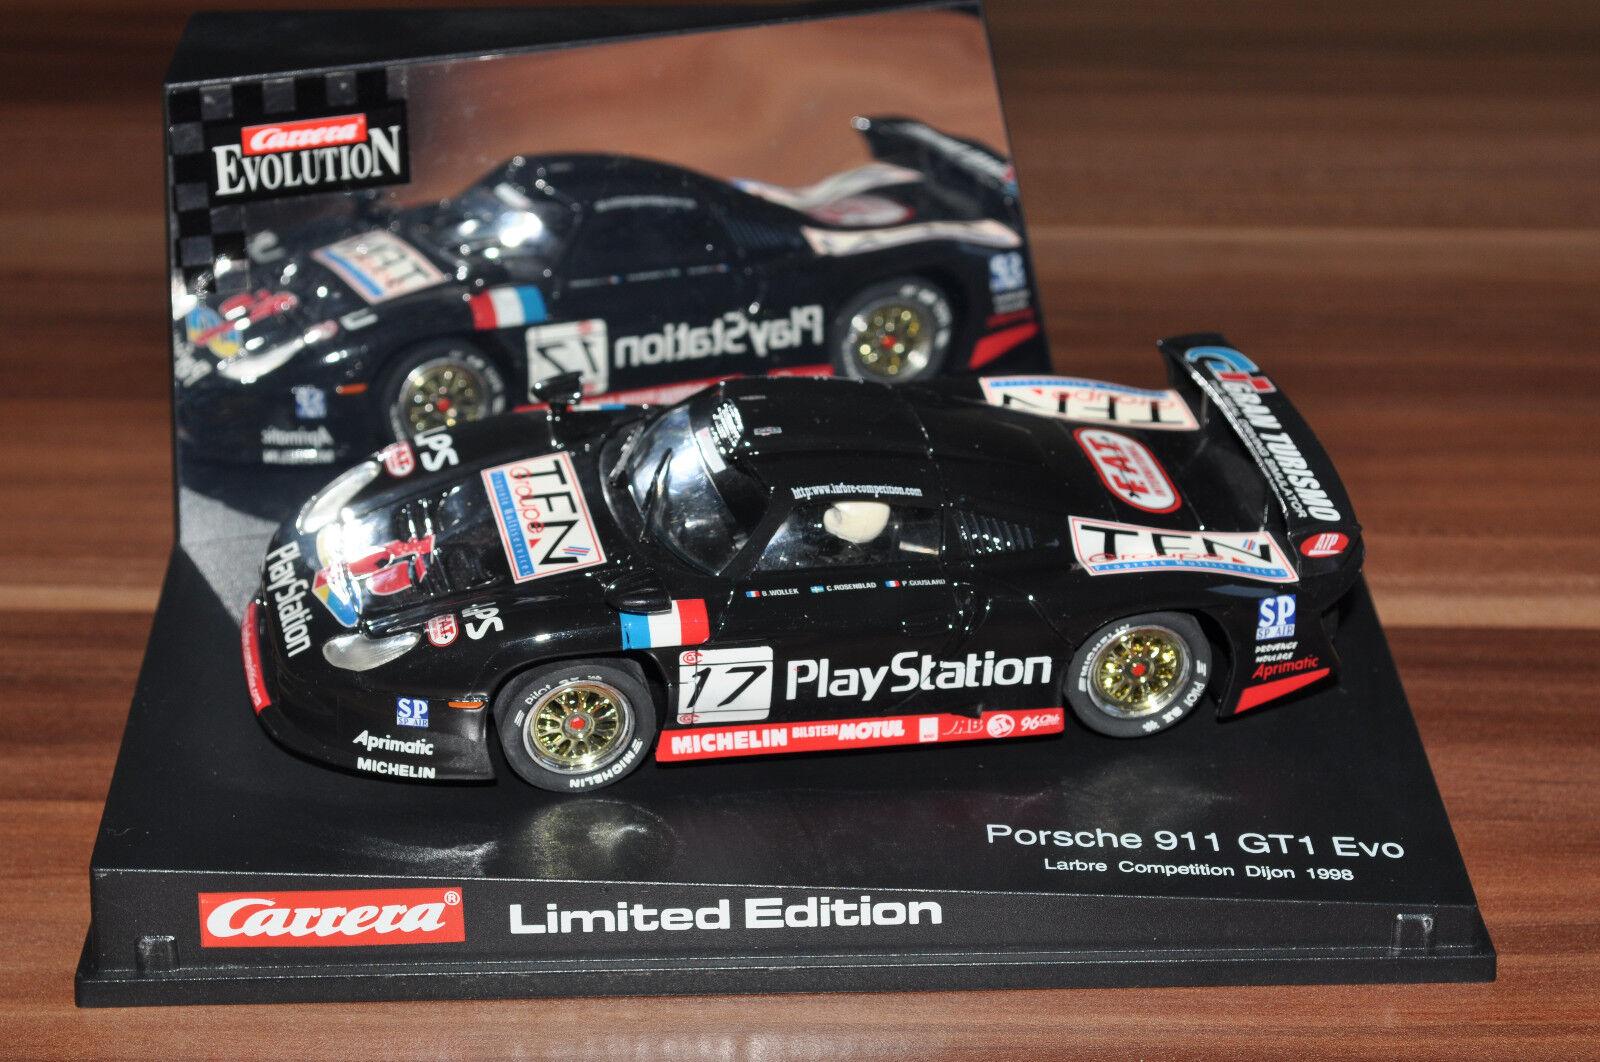 Porsche 911 GT1 Evo Team Labre von Carrera Evolution